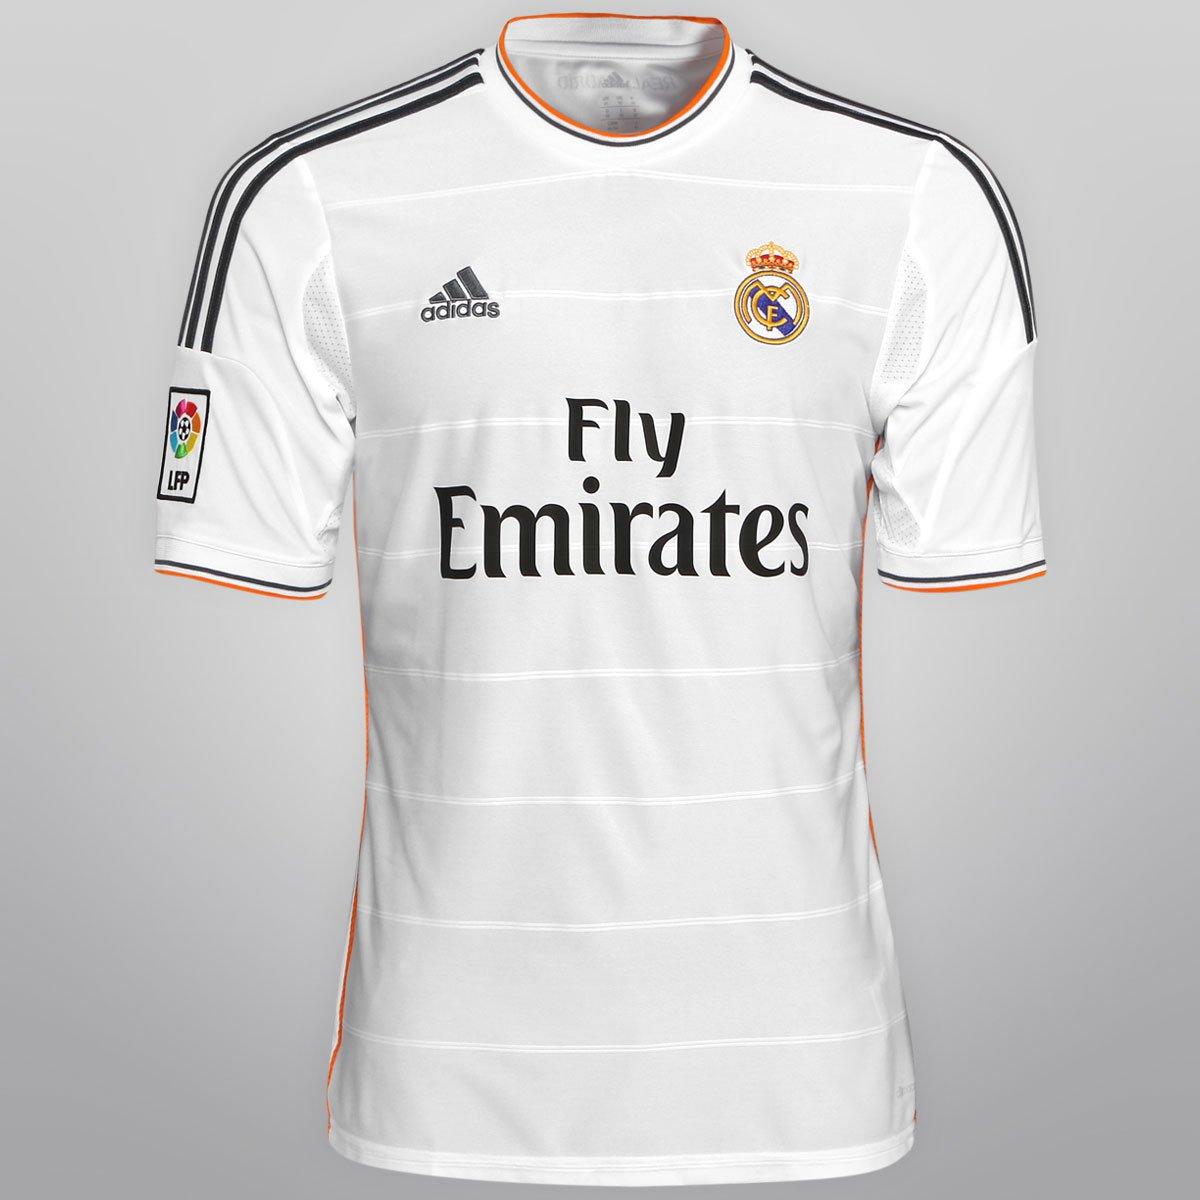 c7cdc4772 Camisa Adidas Real Madrid Home 13 14 s nº - Compre Agora